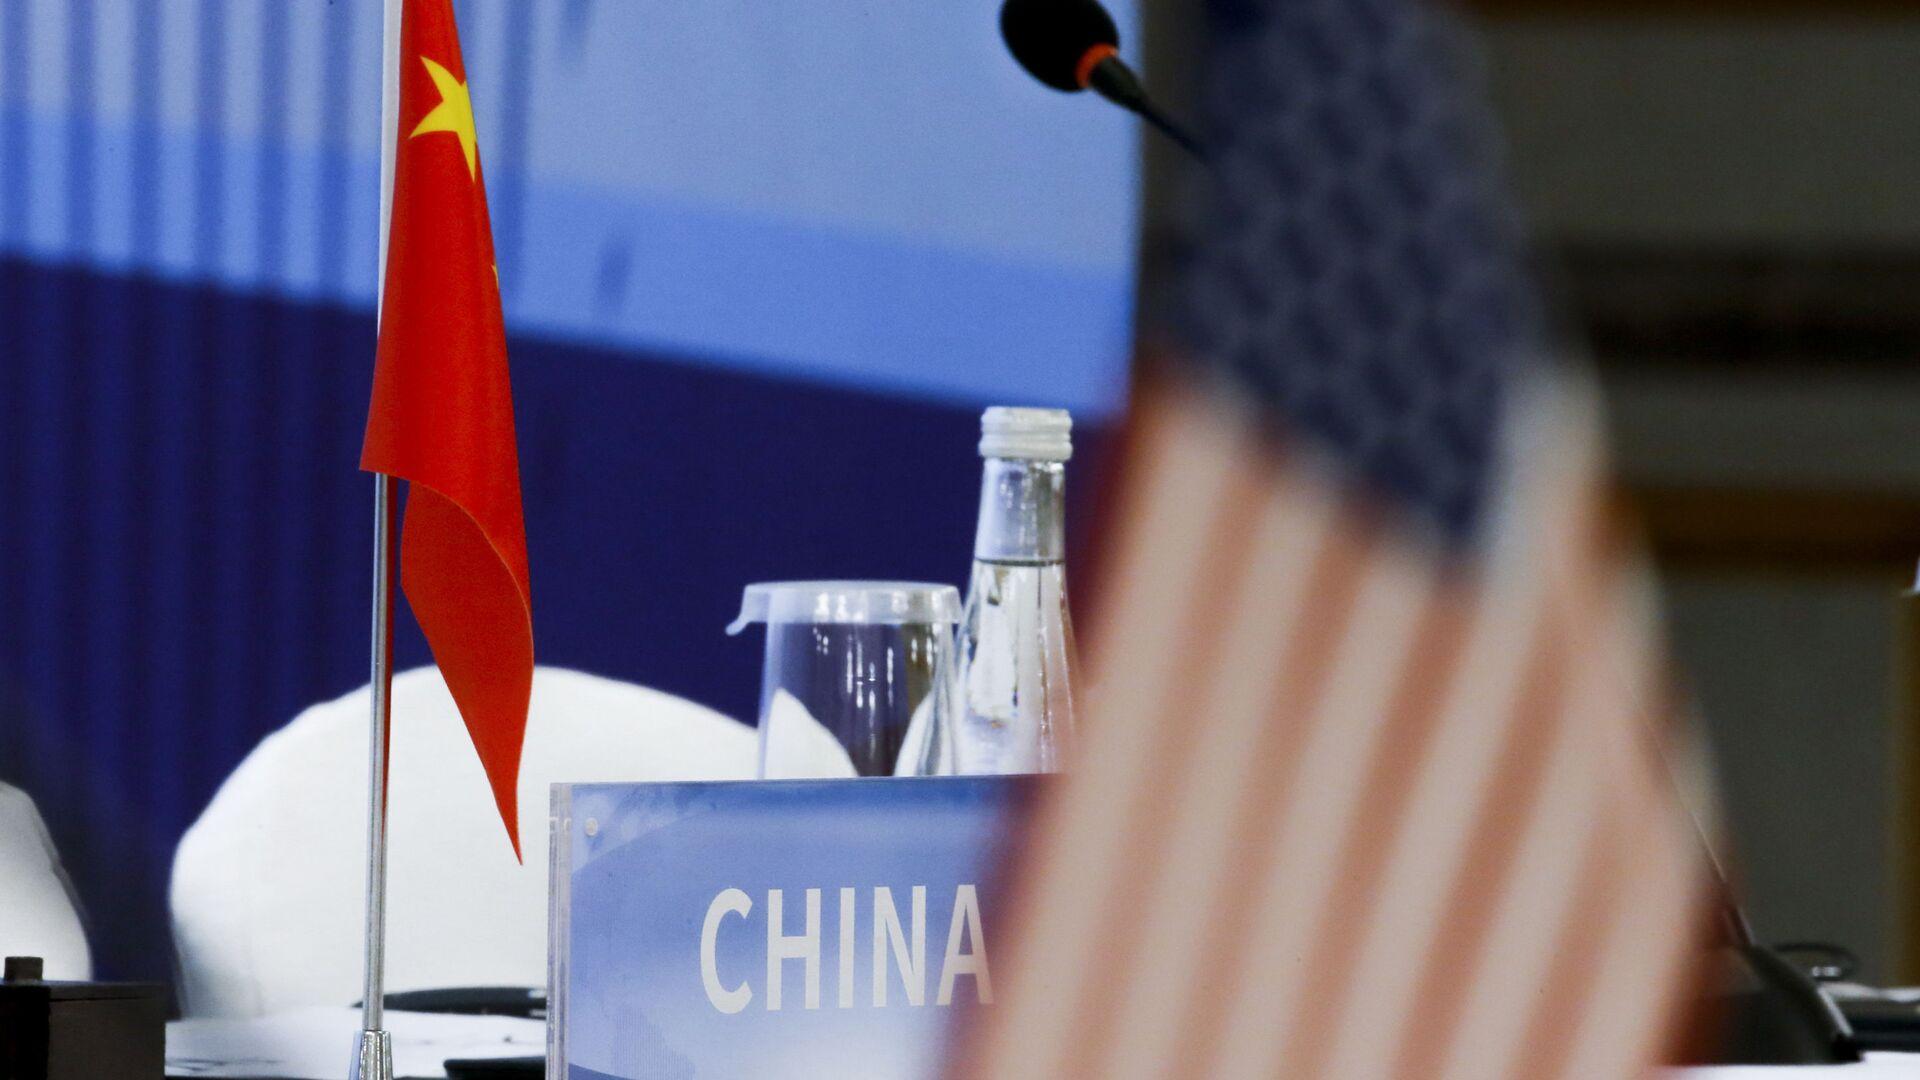 Banderas de China y EEUU - Sputnik Mundo, 1920, 17.09.2021